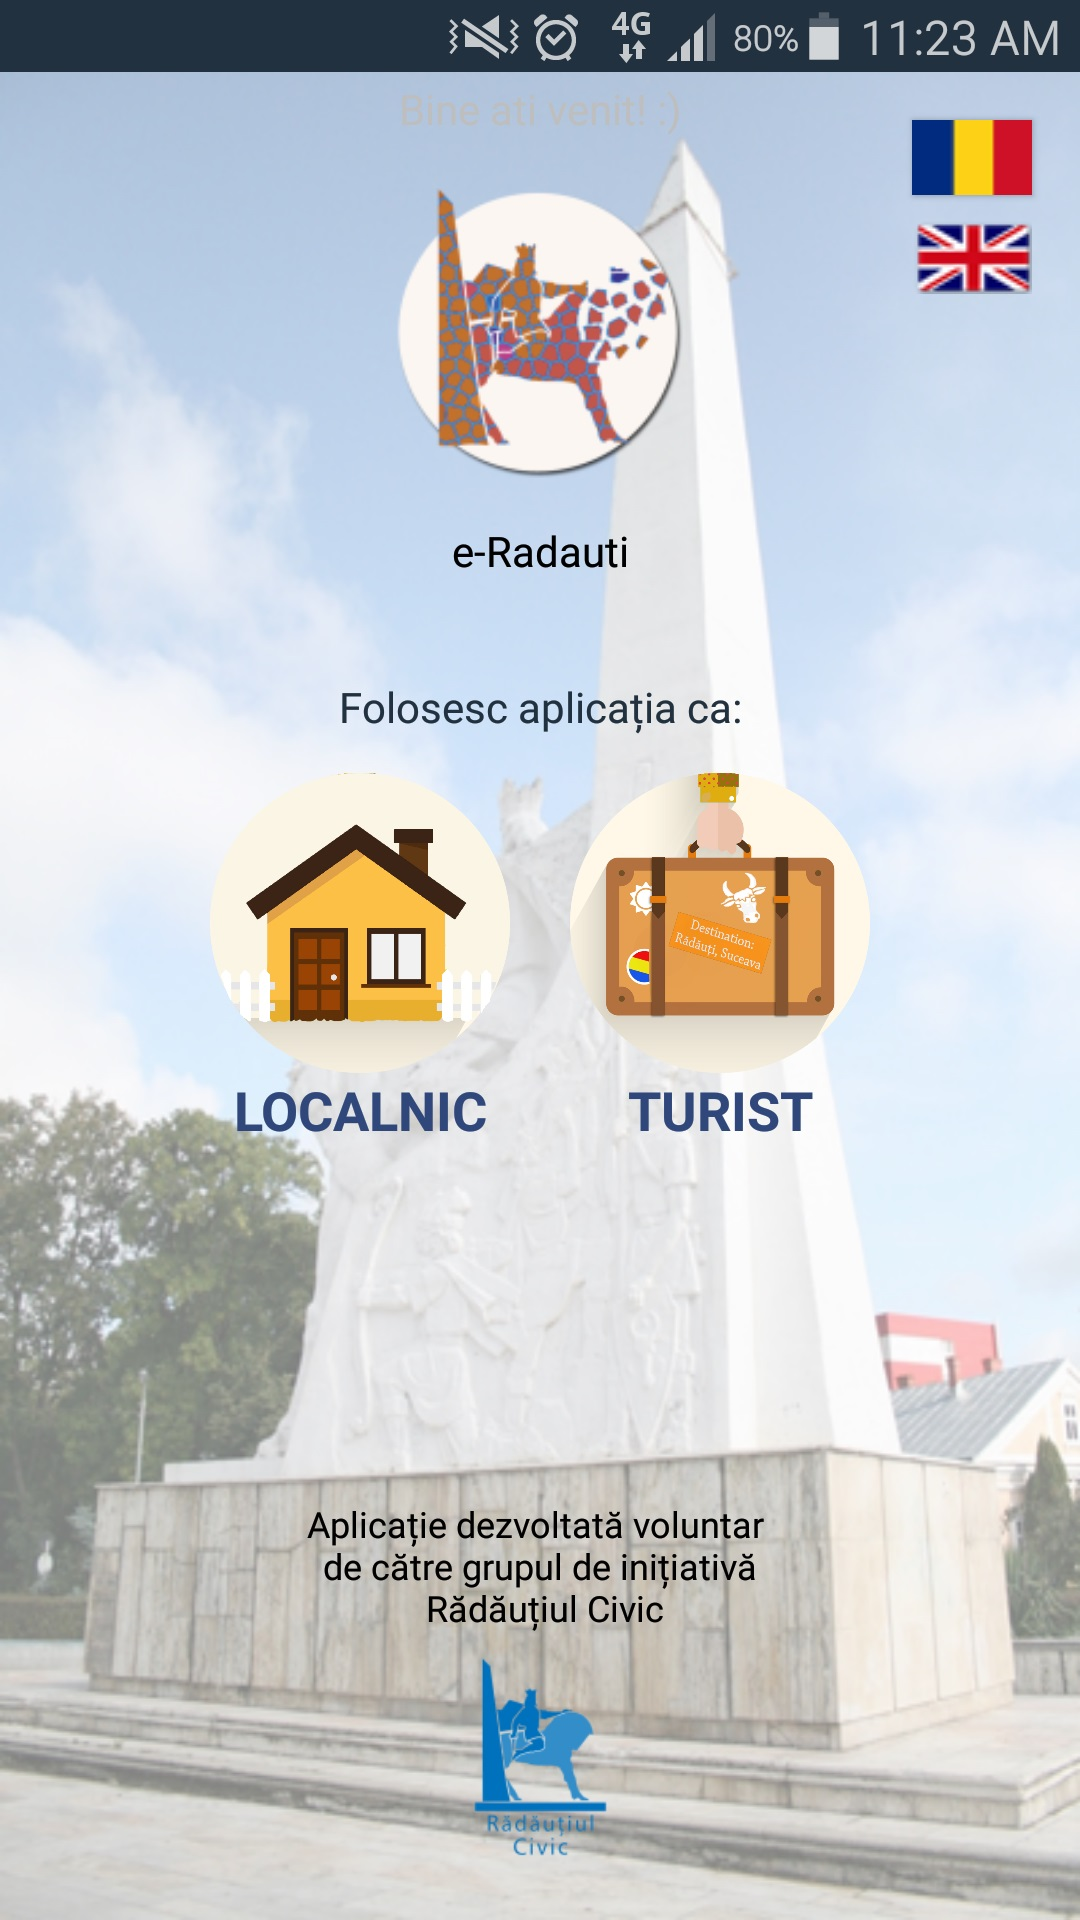 """Grupul """"Rădăuțiul Civic"""" lansează aplicația mobilă """"e-Rădăuți"""""""